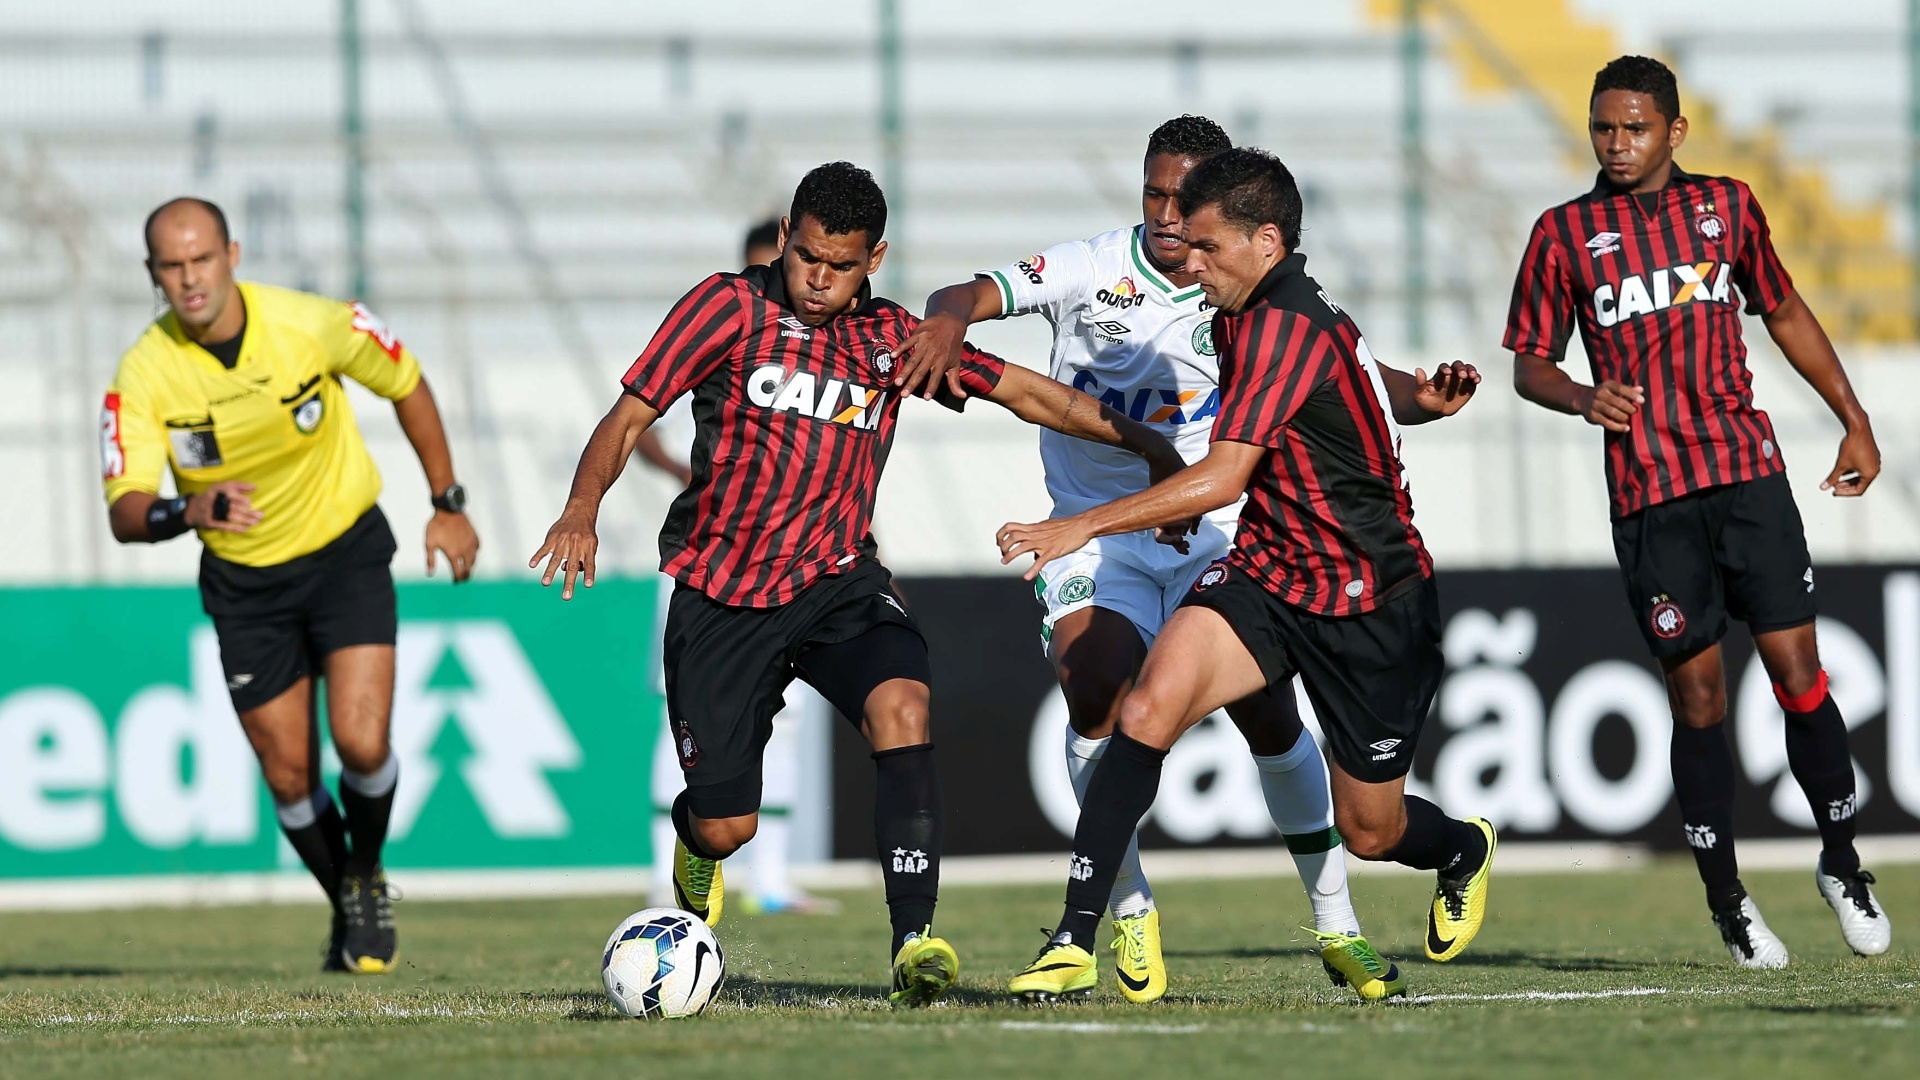 Ederson domina a bola. Ele criou boas chances de marcar para o Atlético-PR, que empatou por 1 a 1 com a Chapecoense